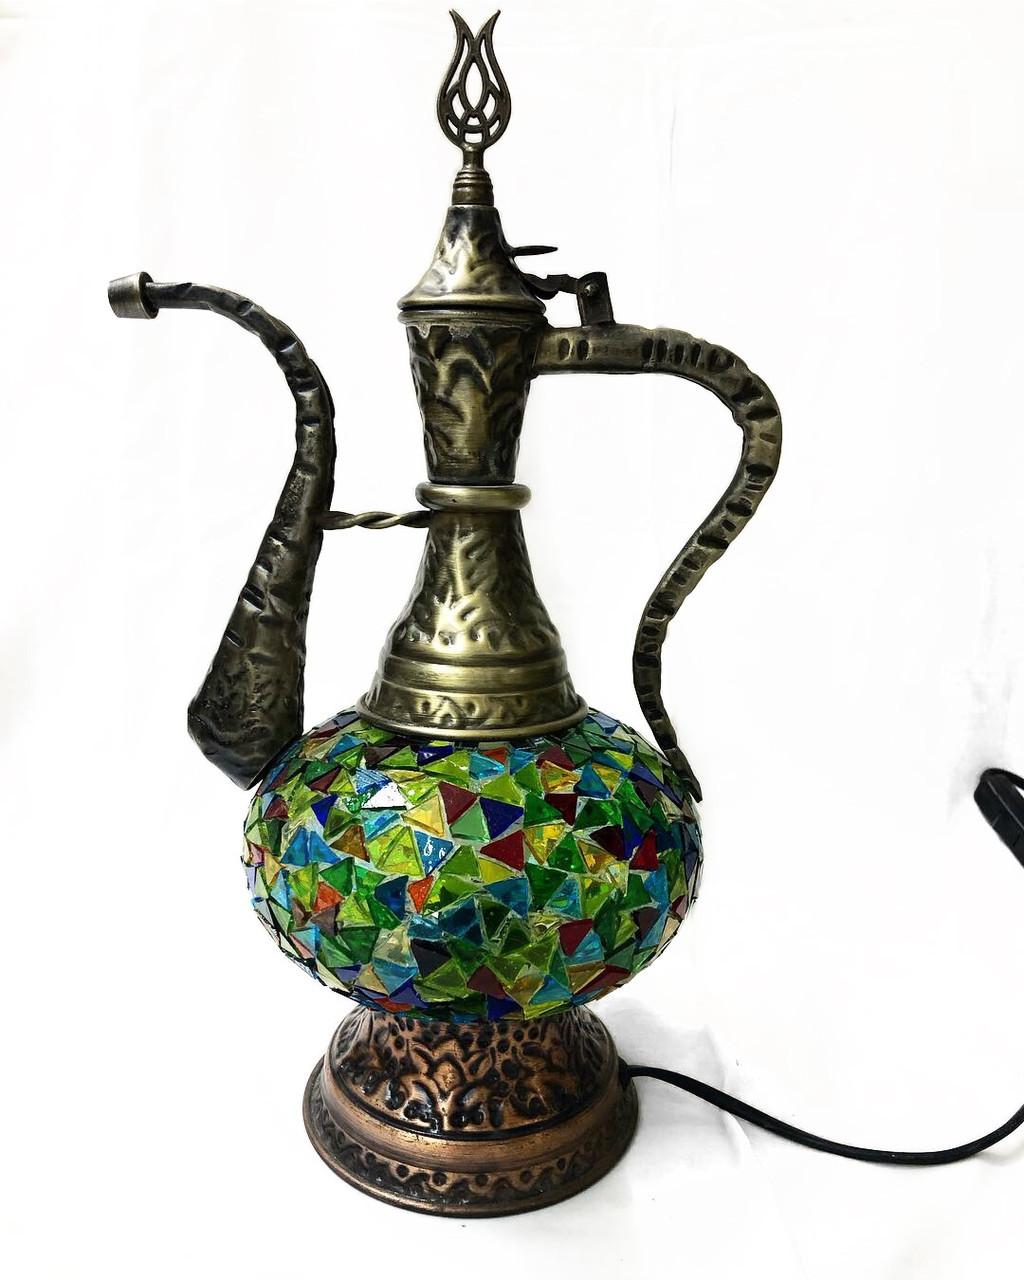 Настольный турецкий светильник лампа Алладина из мозаики ручной работы синий